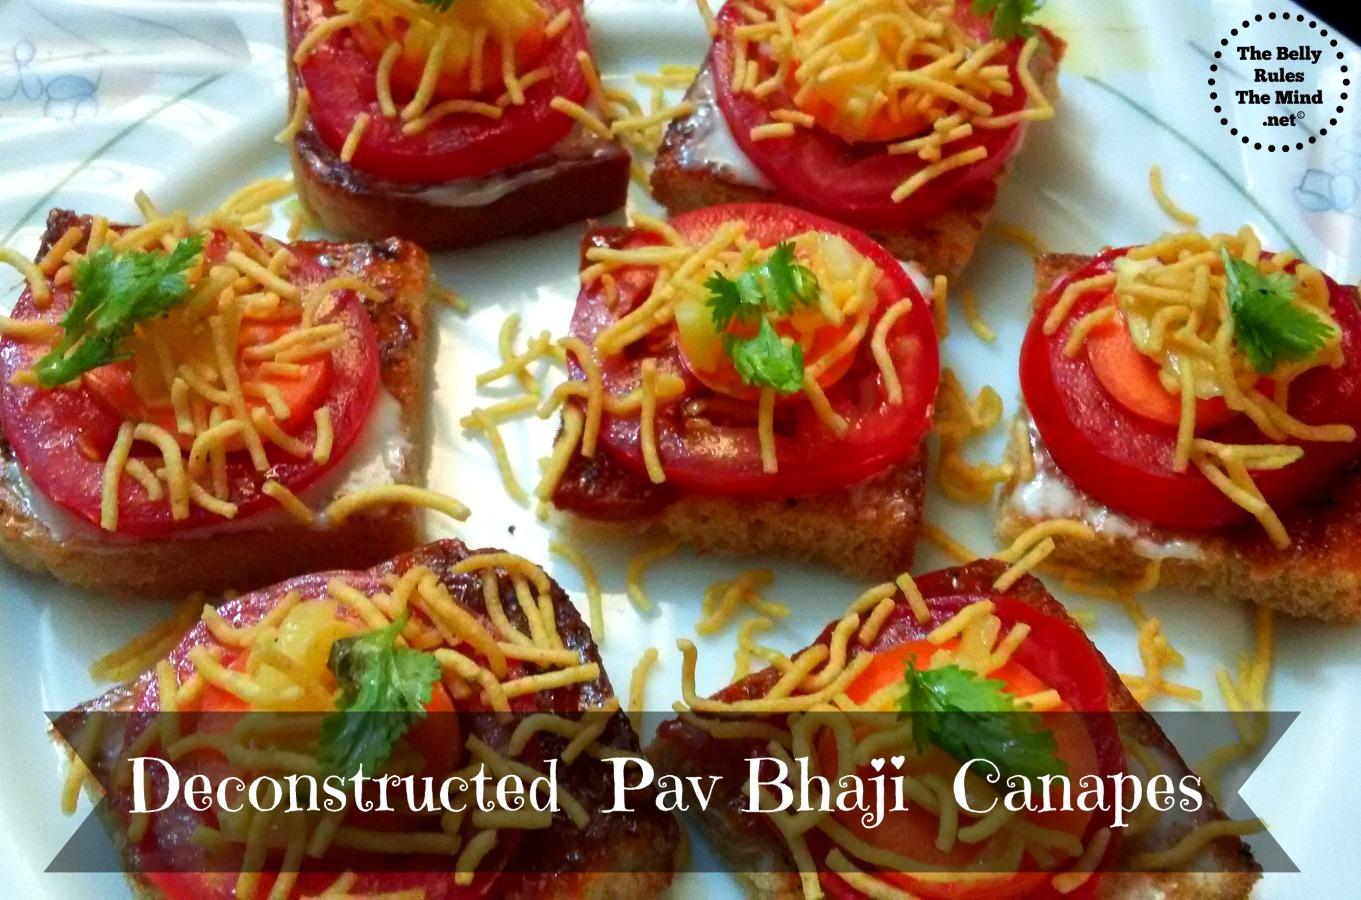 Deconstructed Pav Bhaji Canapes.